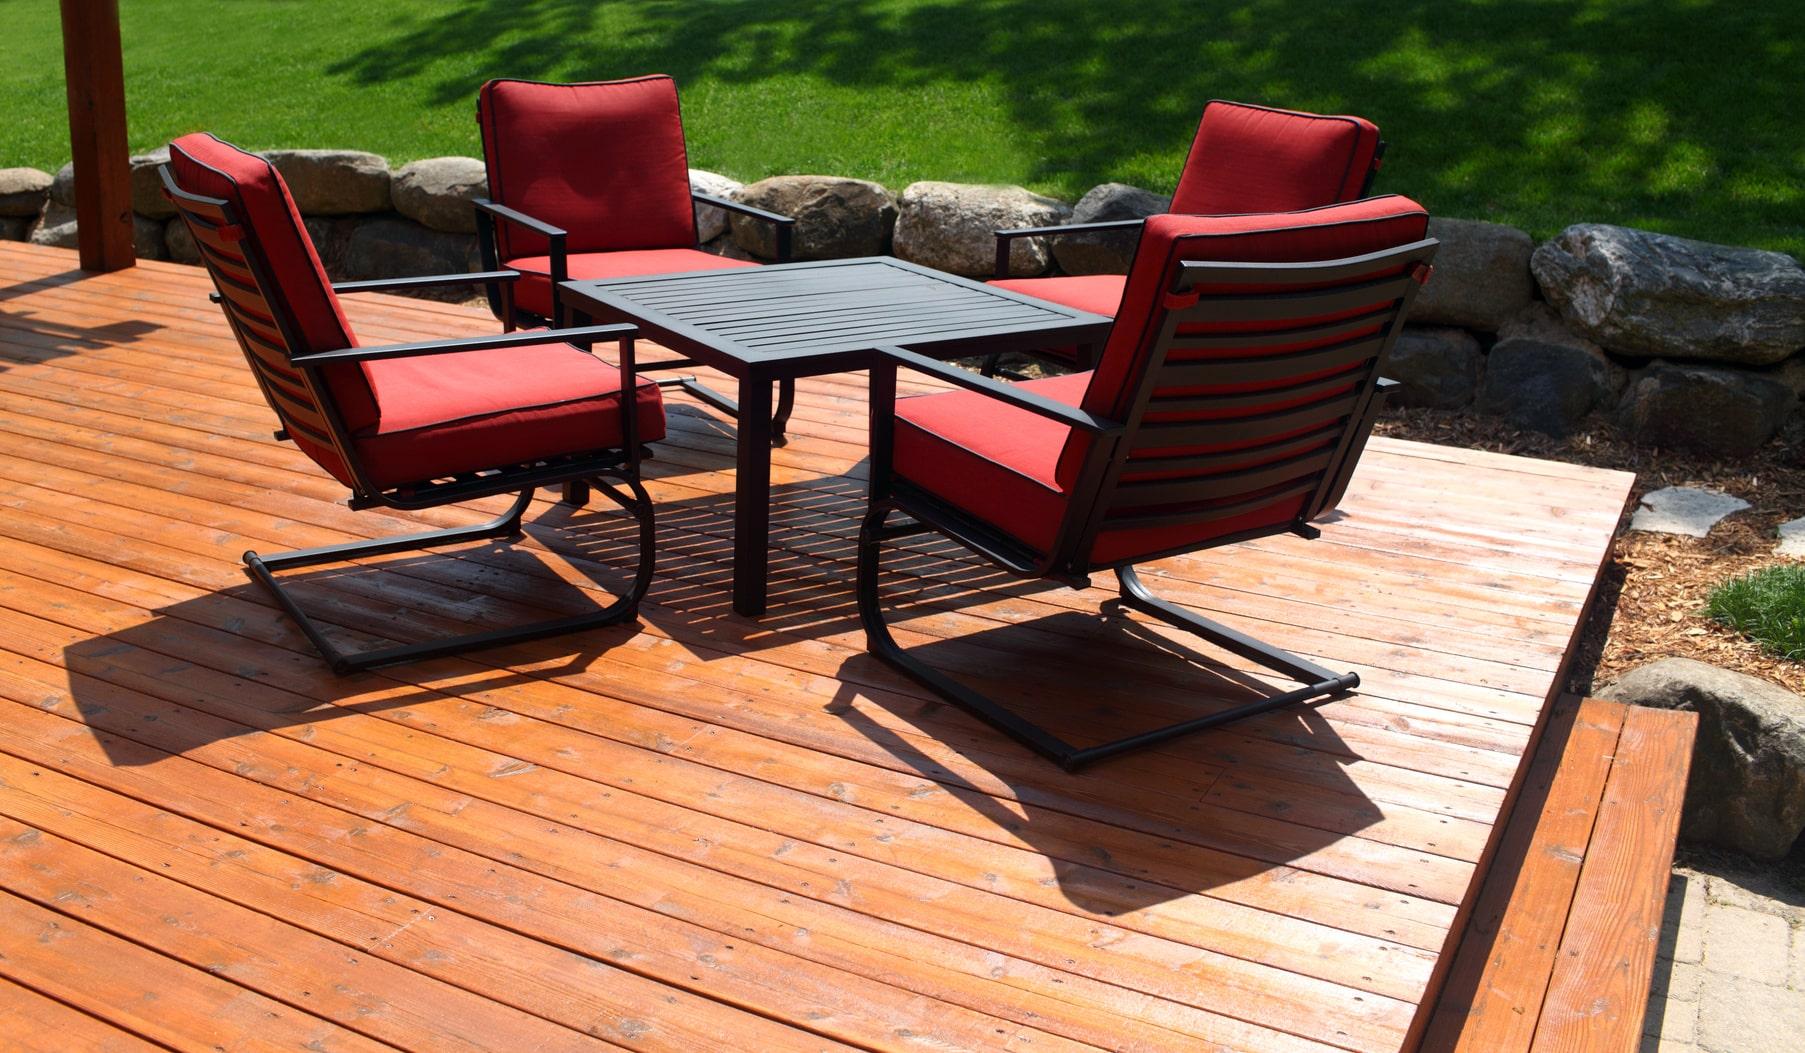 Comment Fabriquer Une Terrasse En Beton prix d'une terrasses au m2 (bois, béton, composite…)